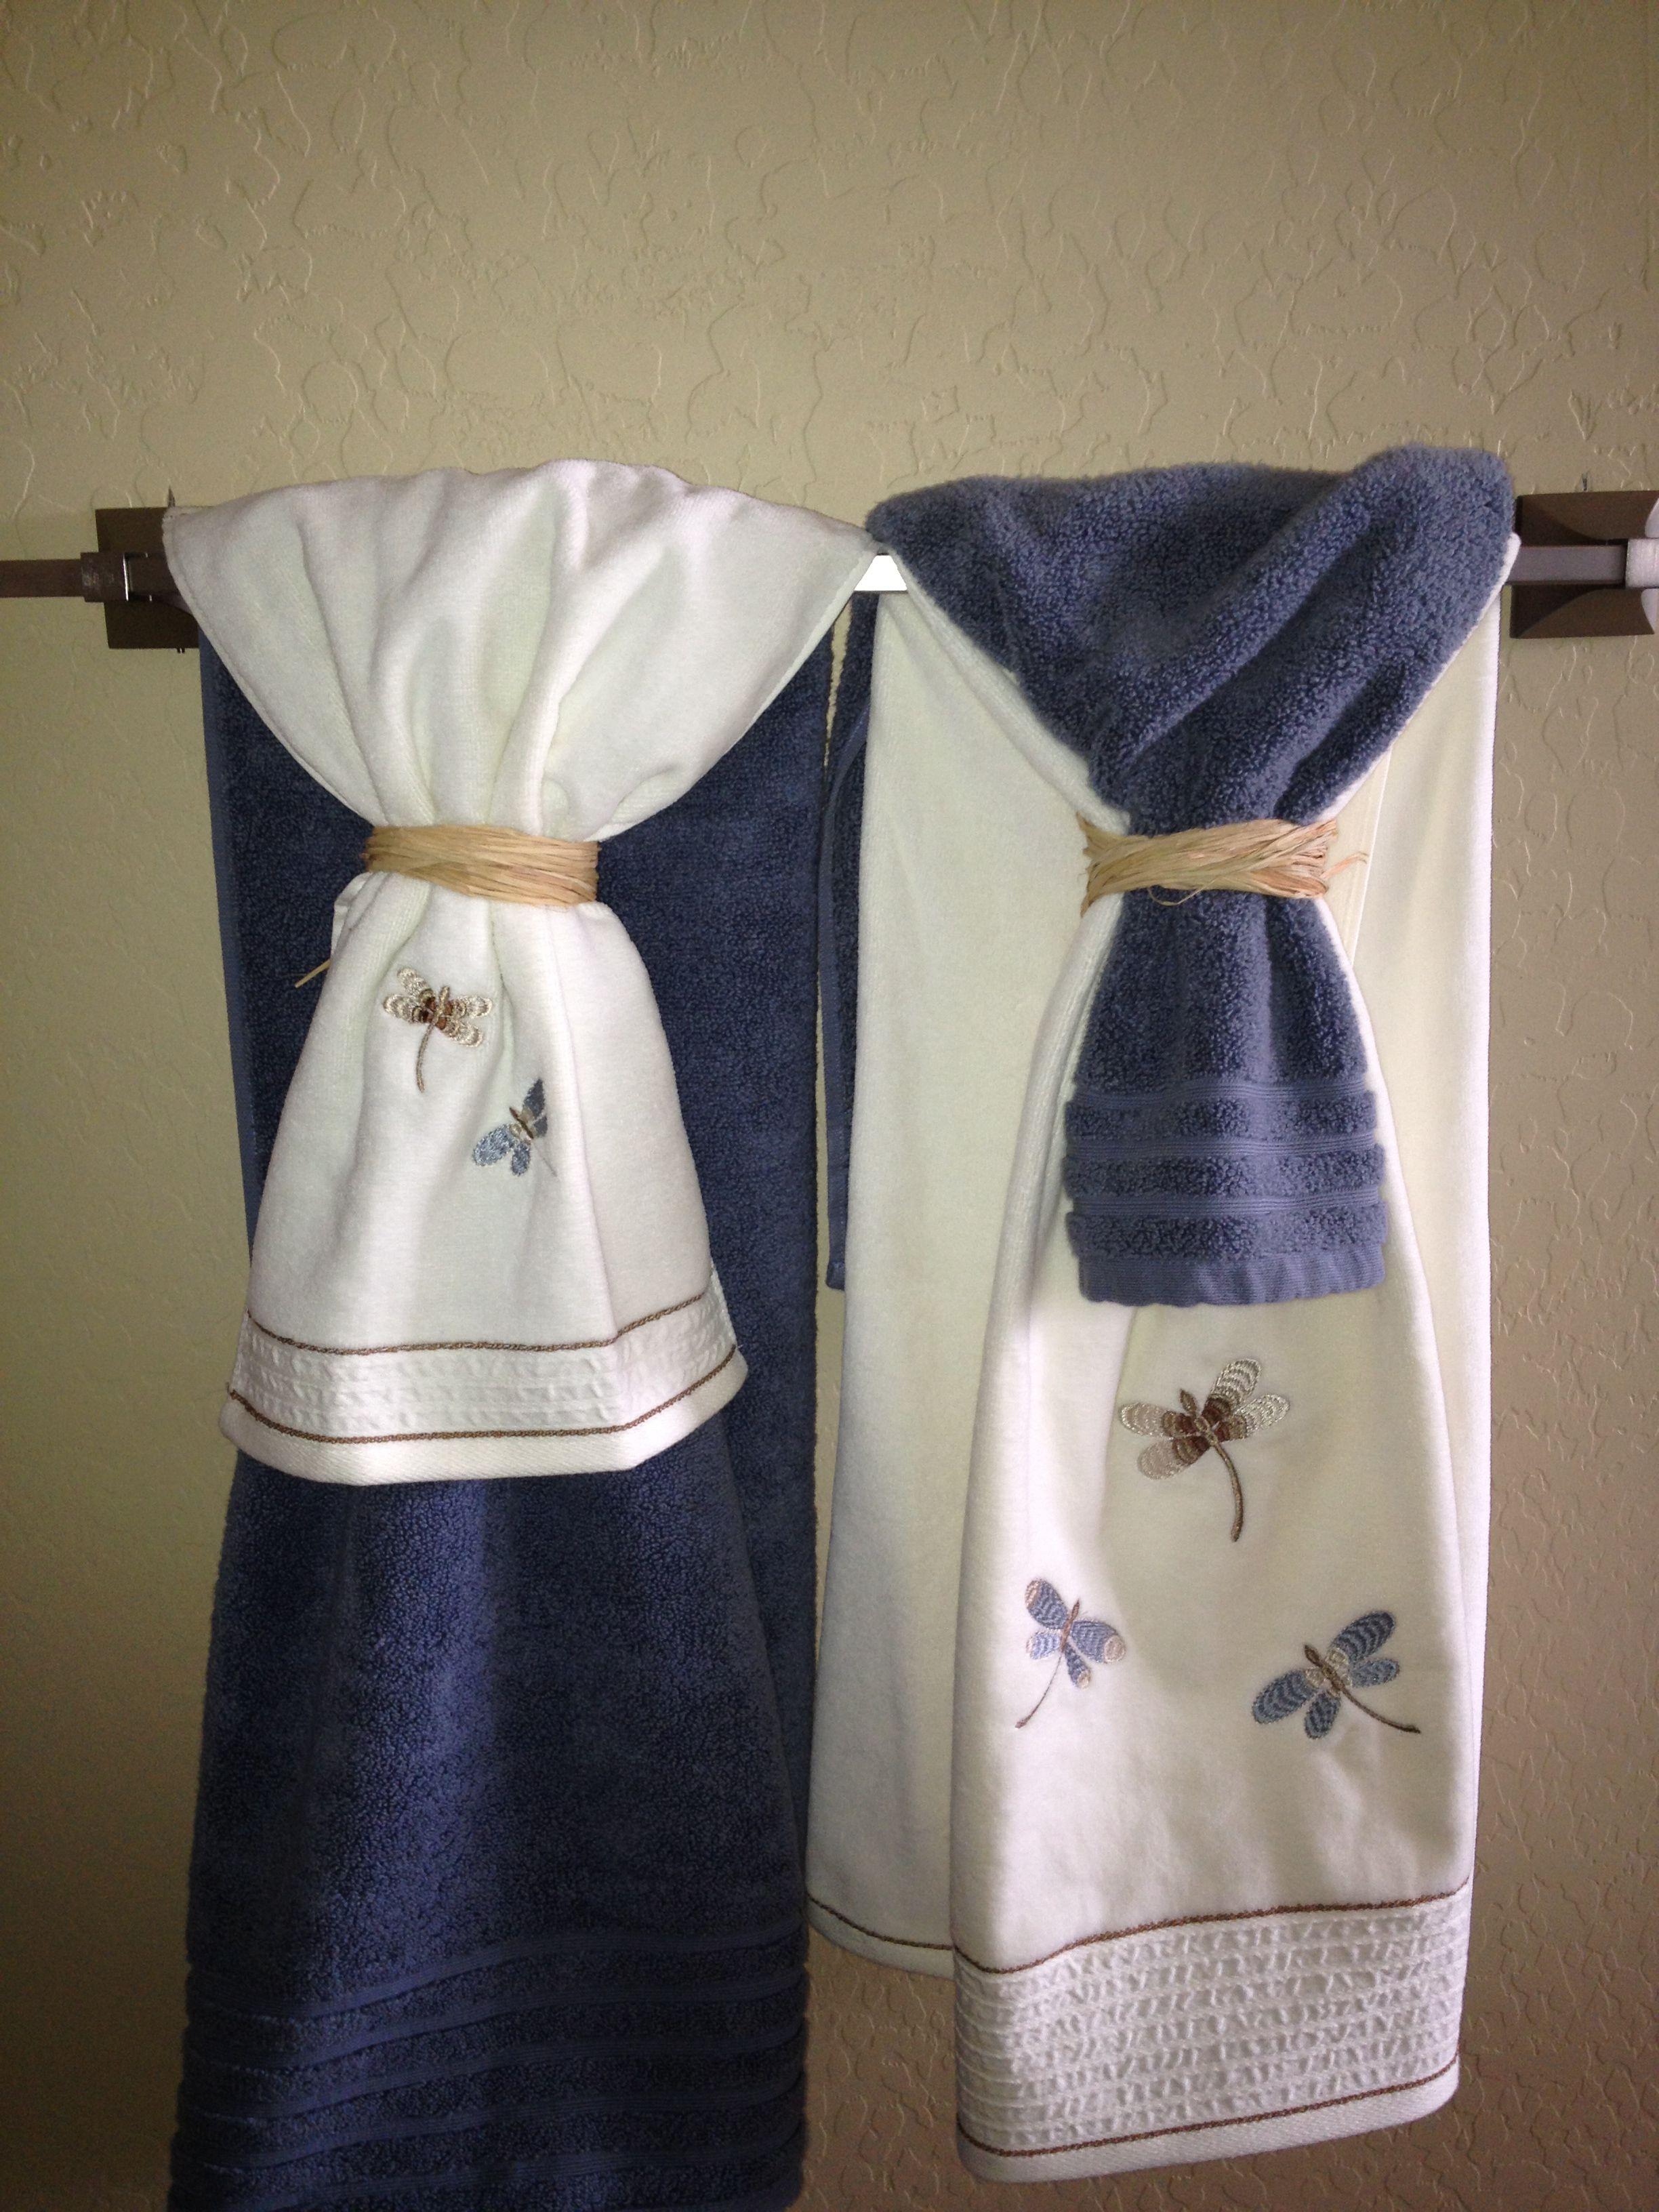 Bathroom Towel Display   Bathroom   Pinterest   Towels, Towel ...